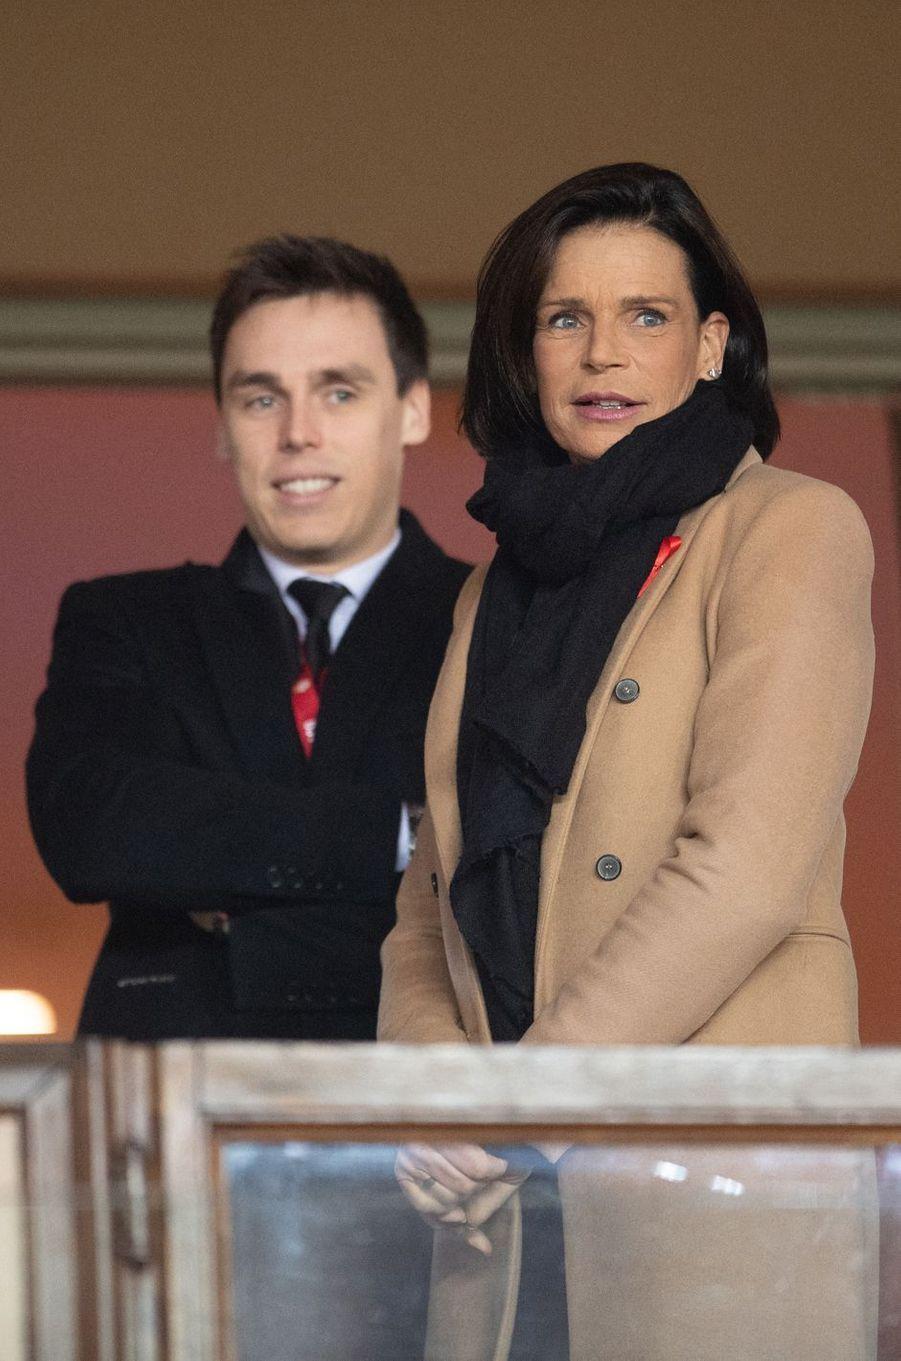 La princesse Stéphanie de Monaco avec son fils Louis Ducruet à Monaco, le 15 janvier 2020